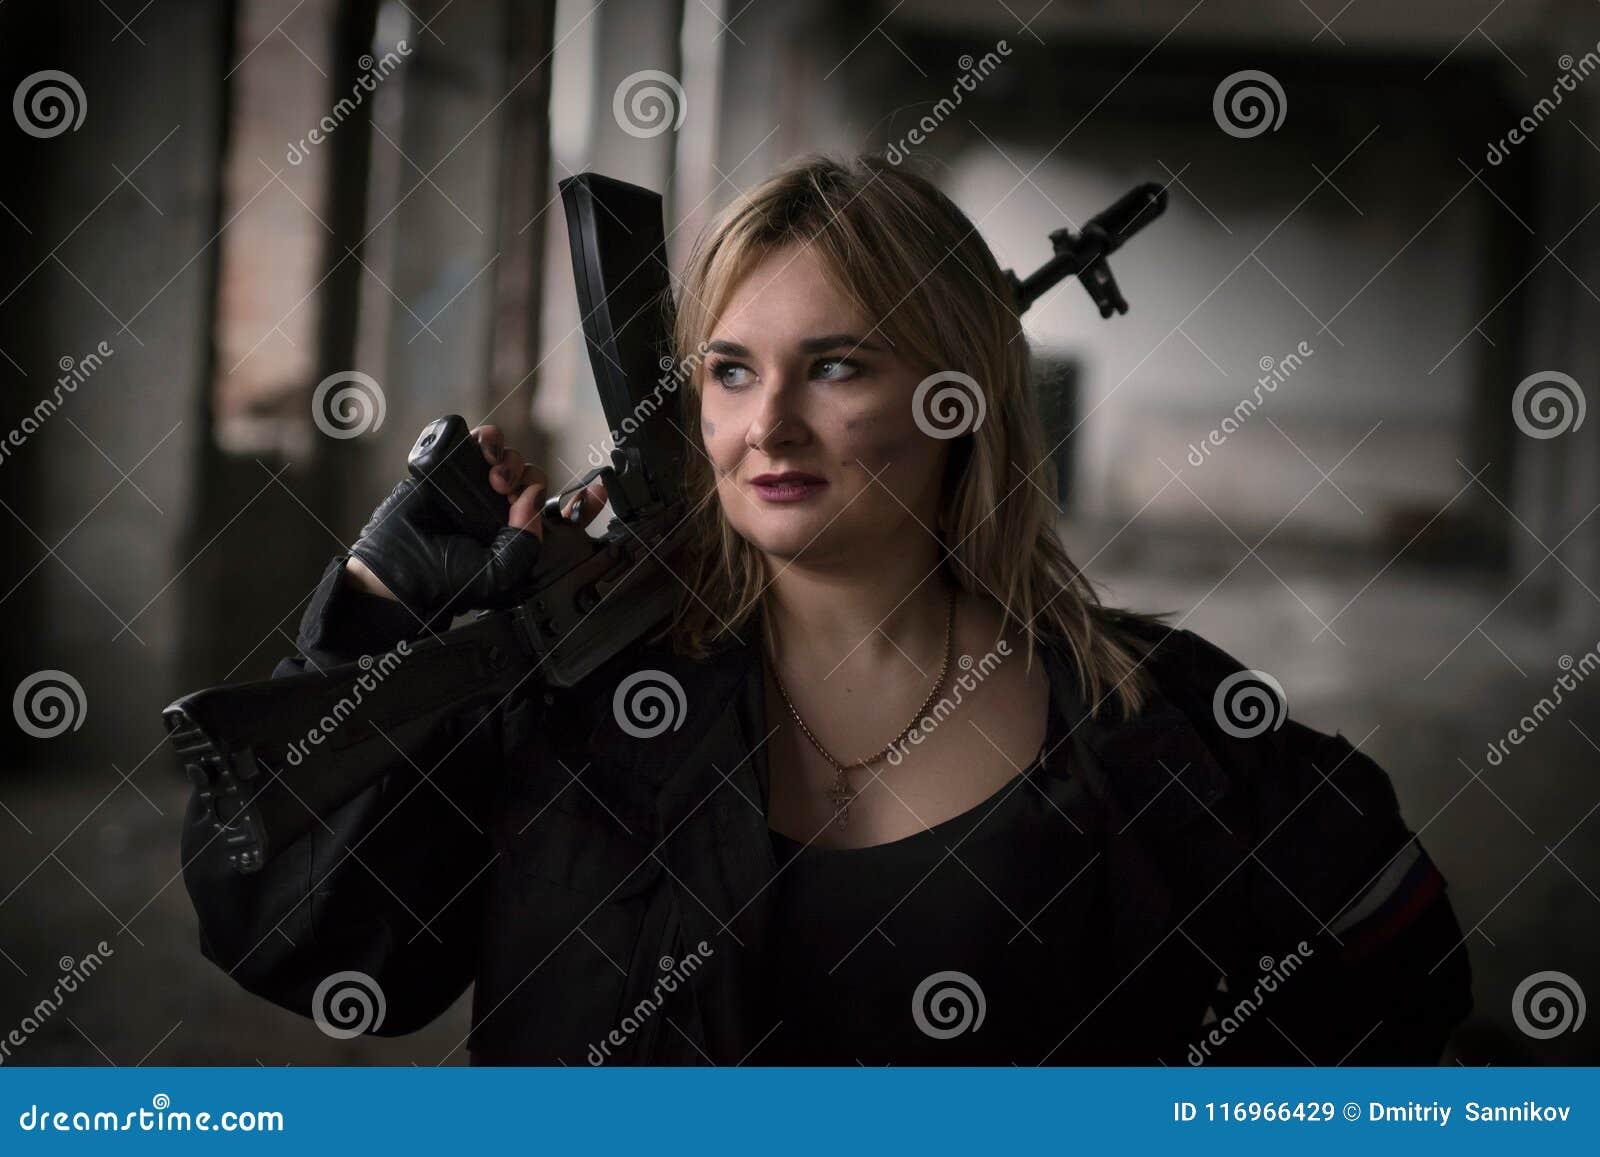 A girl with a machine gun